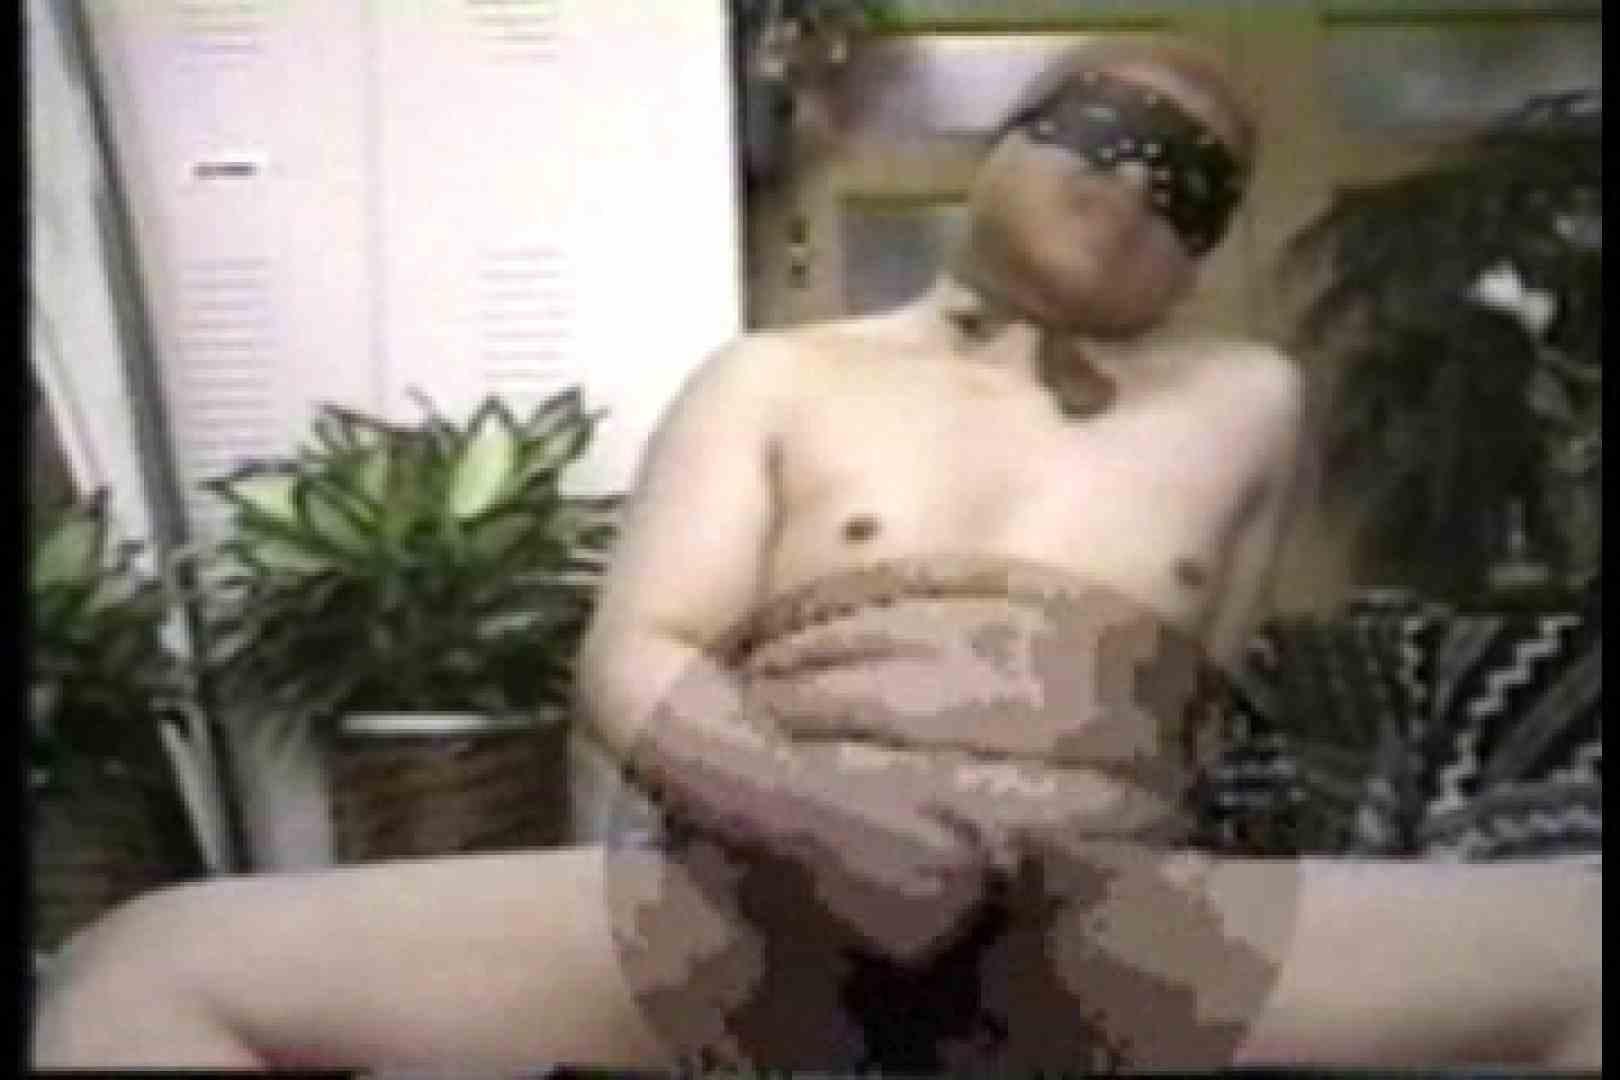 太った男じゃダメですか?10 ディルド ゲイエロビデオ画像 99枚 47